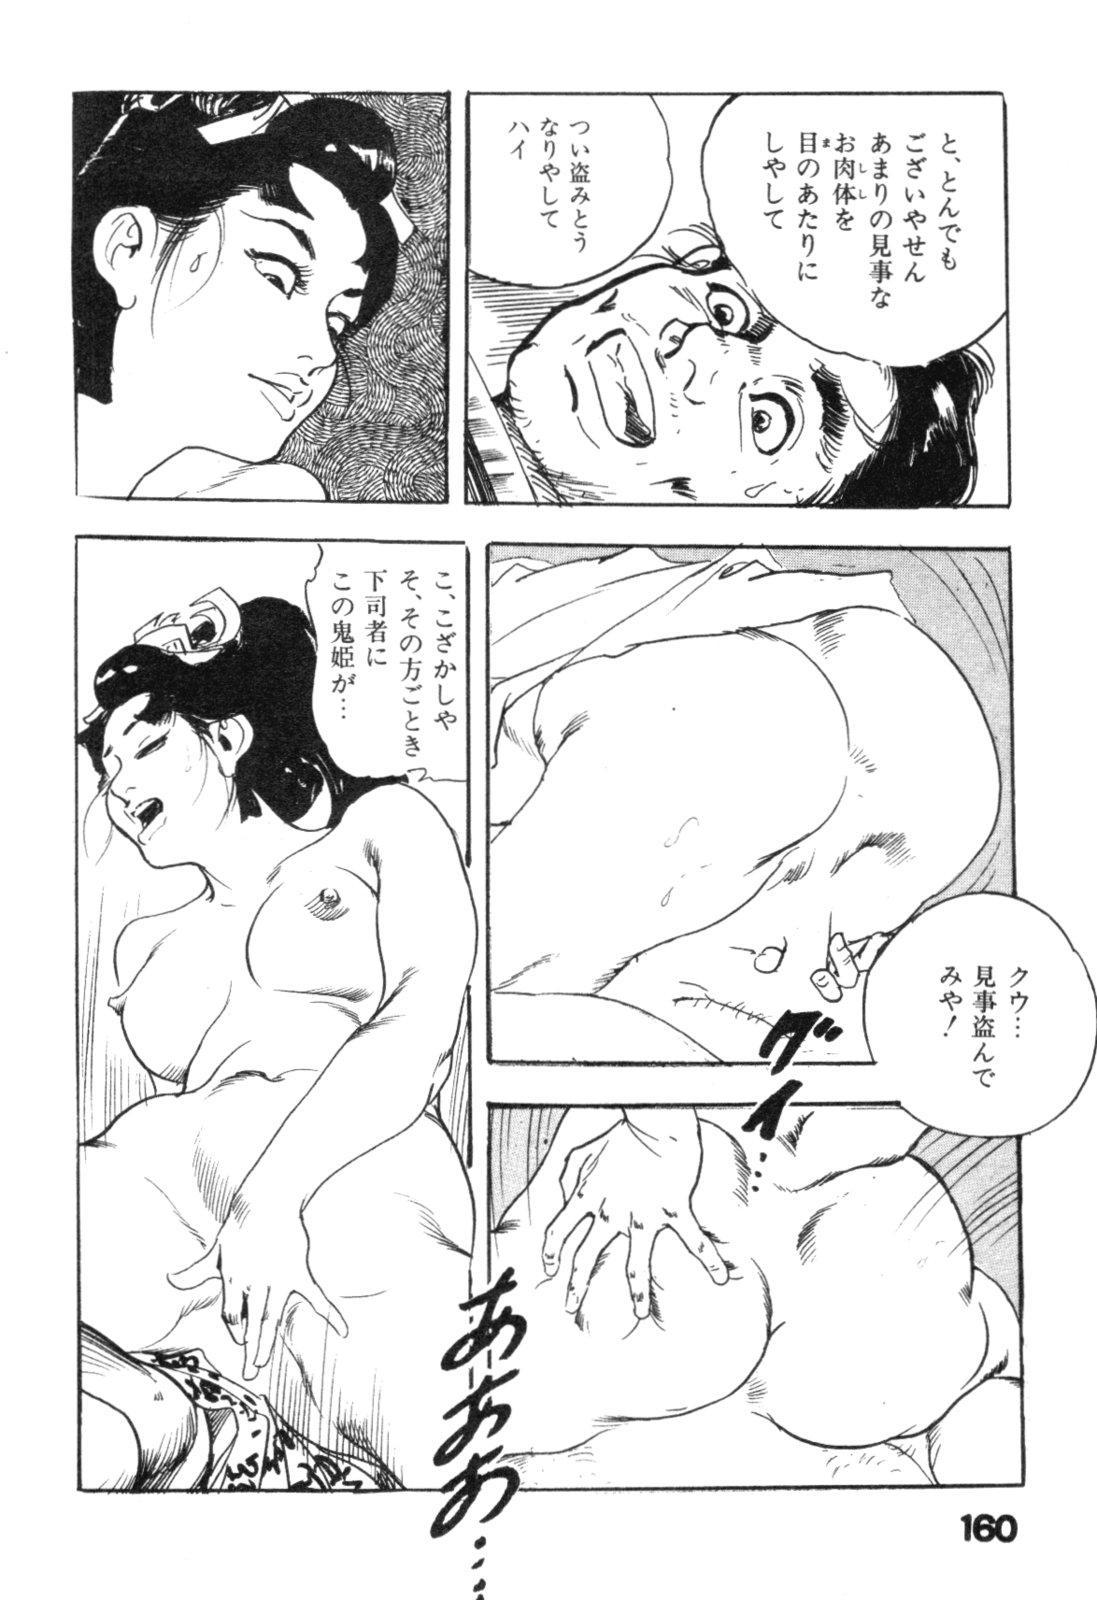 Jidaigeki Series 2 ~ Midare Kannon 162